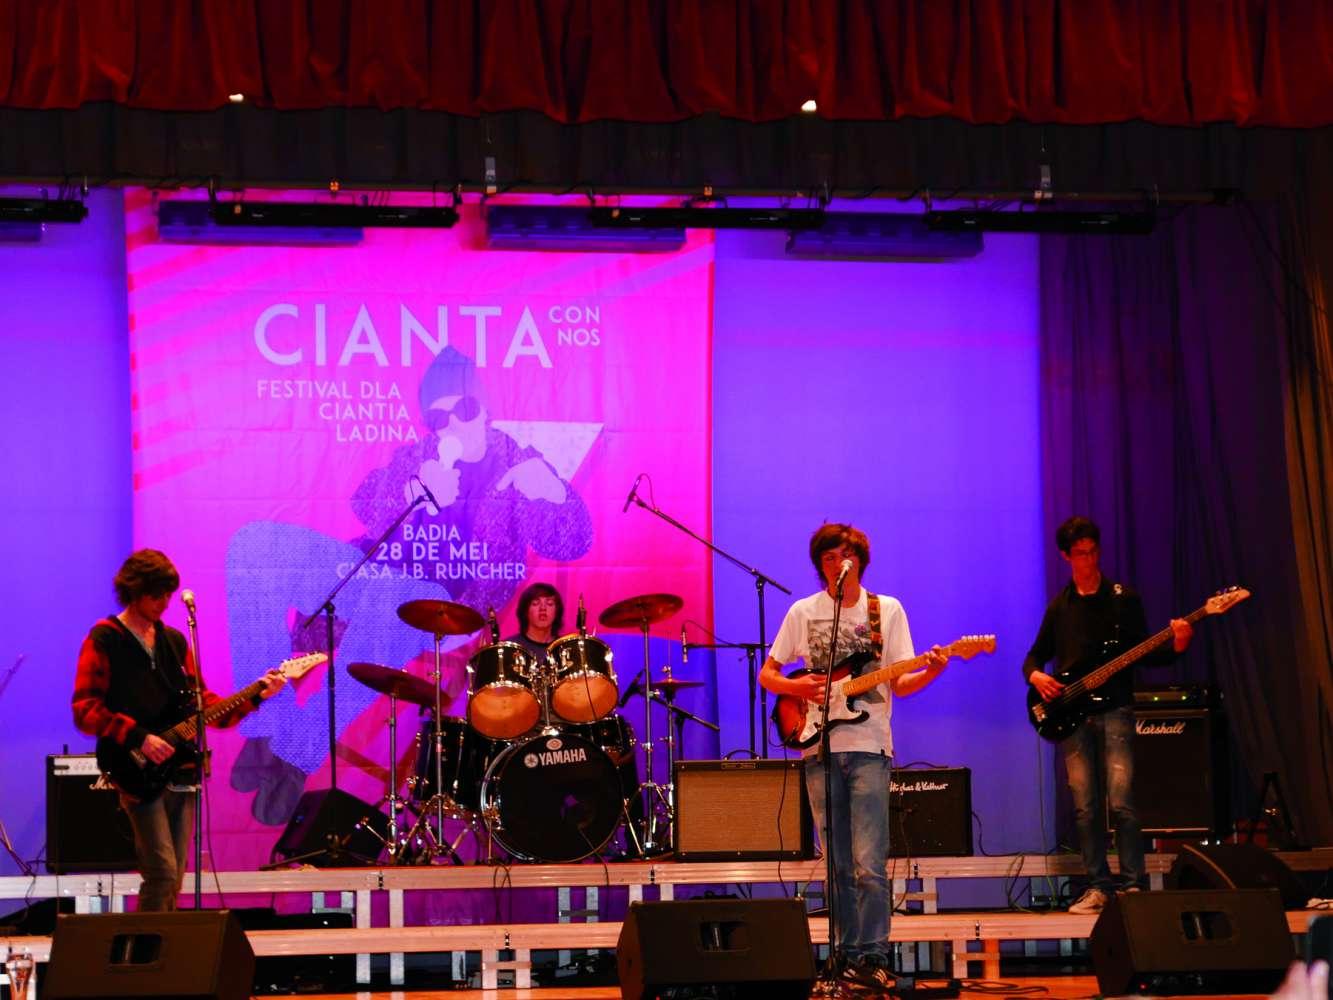 3festival_cianta-con-nos_berdon.jpg